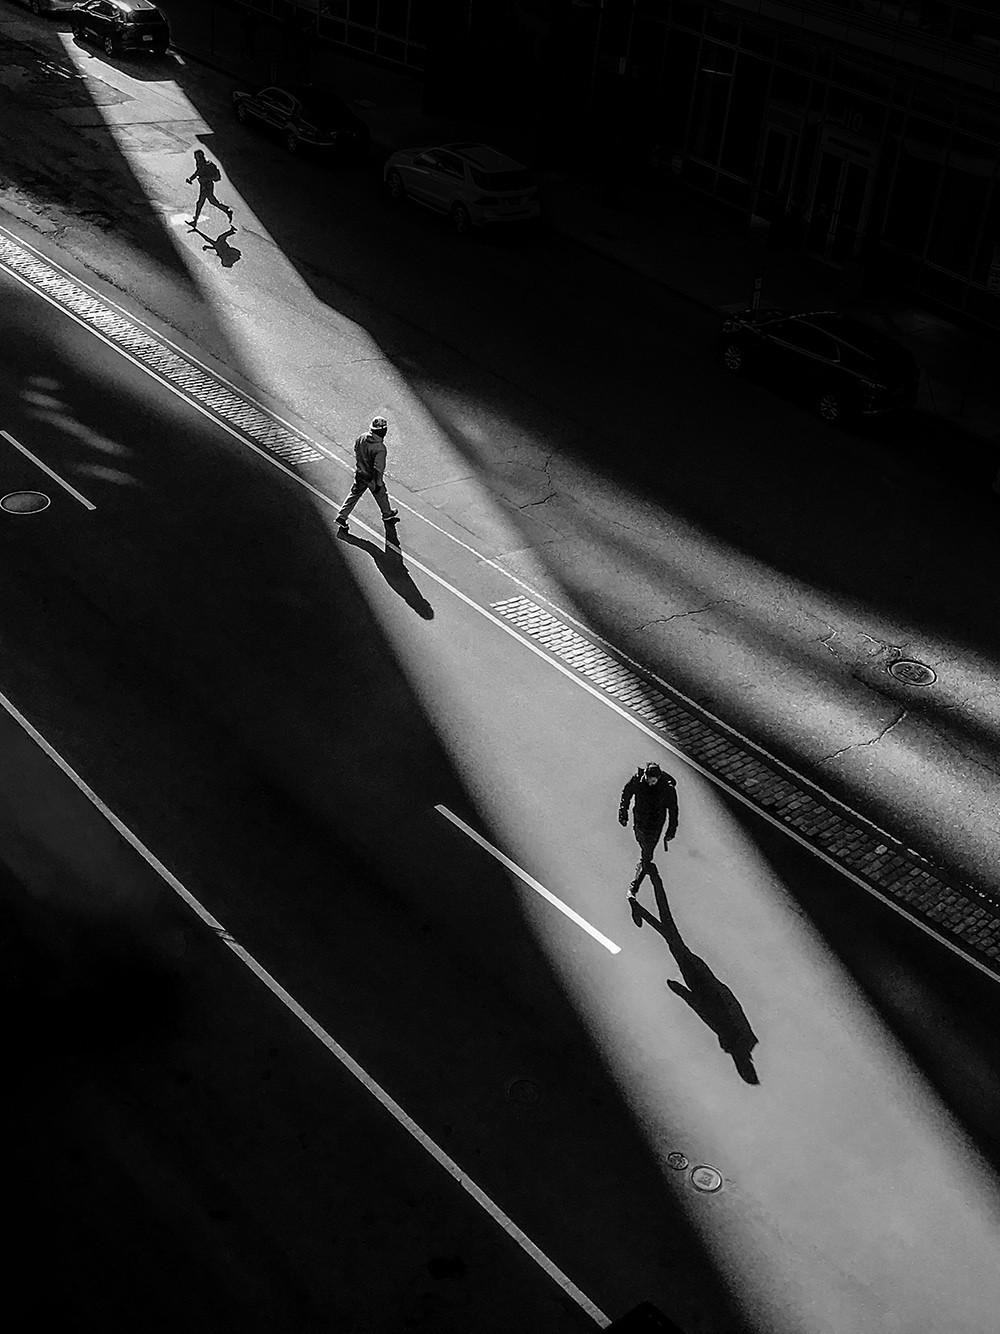 Победитель в категории «Уличная фотография», 2020. Стюарт-стрит, Бостон. Автор Джефф Ларасон